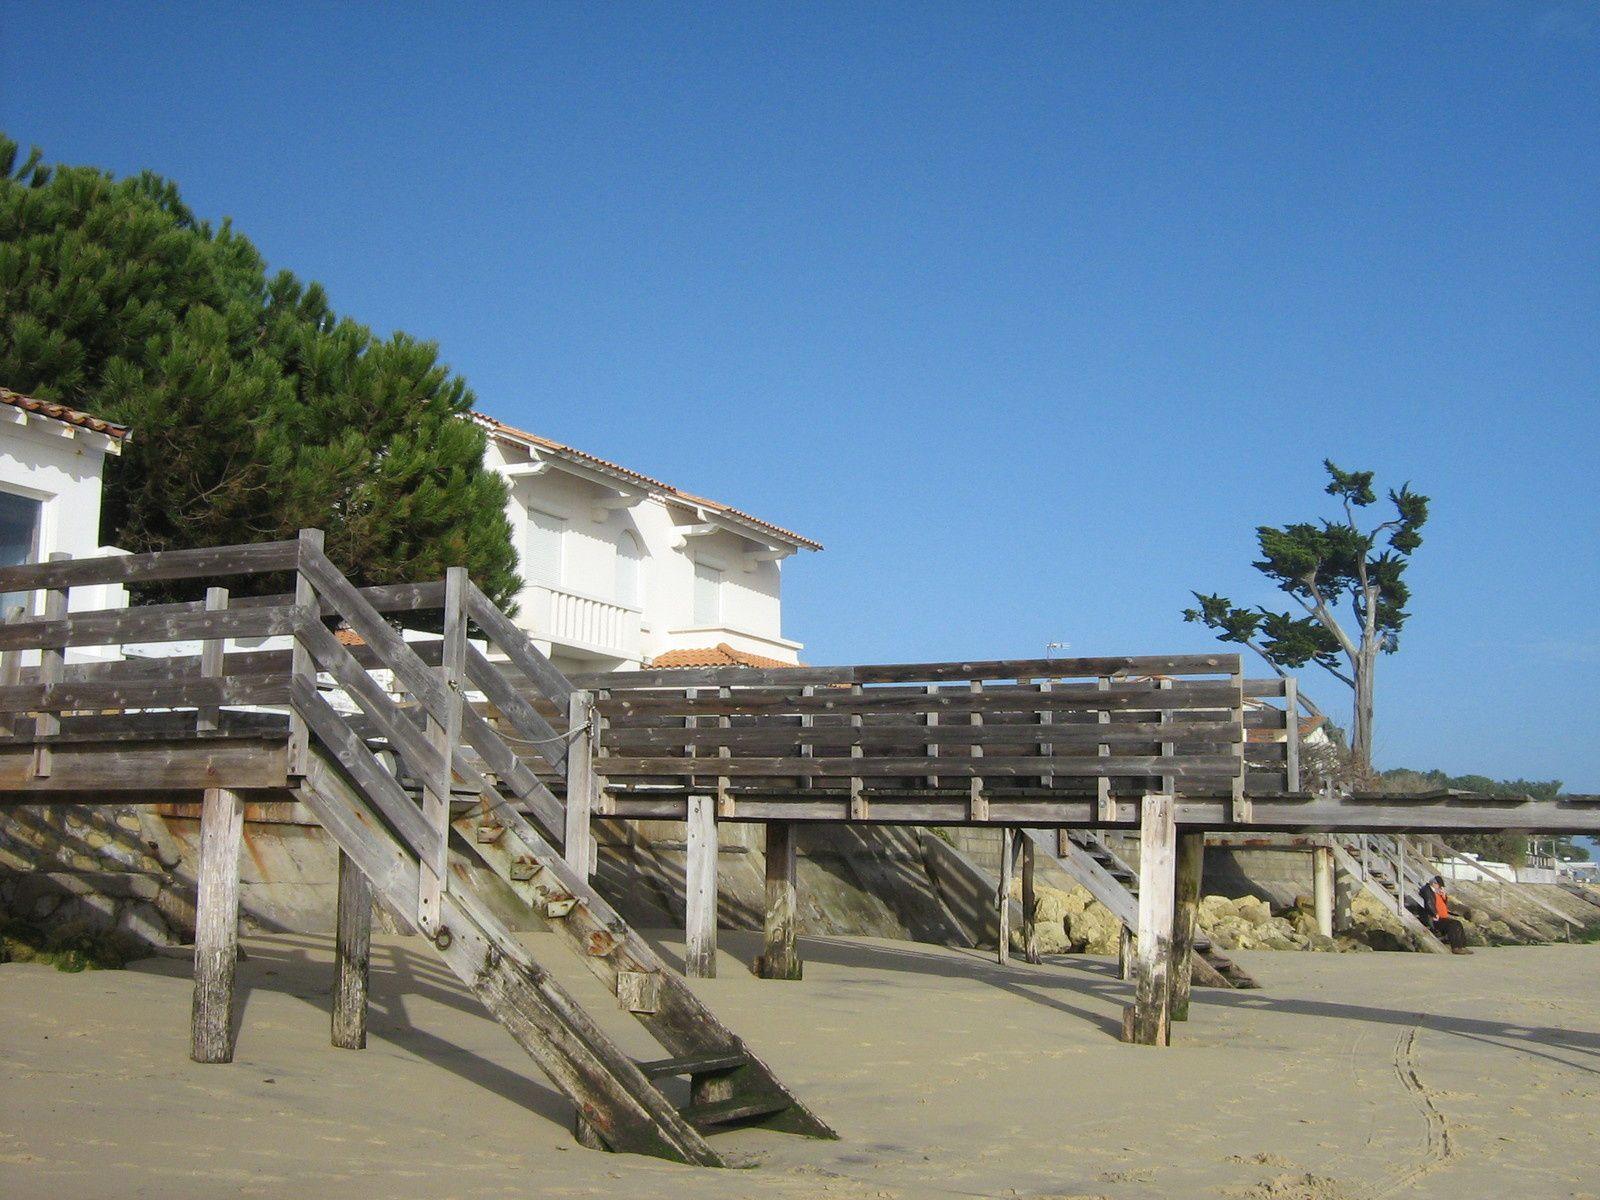 Désormais, dans un coin de mon coeur, a pris place une longue langue de sable habillée de pins : le Cap Ferret